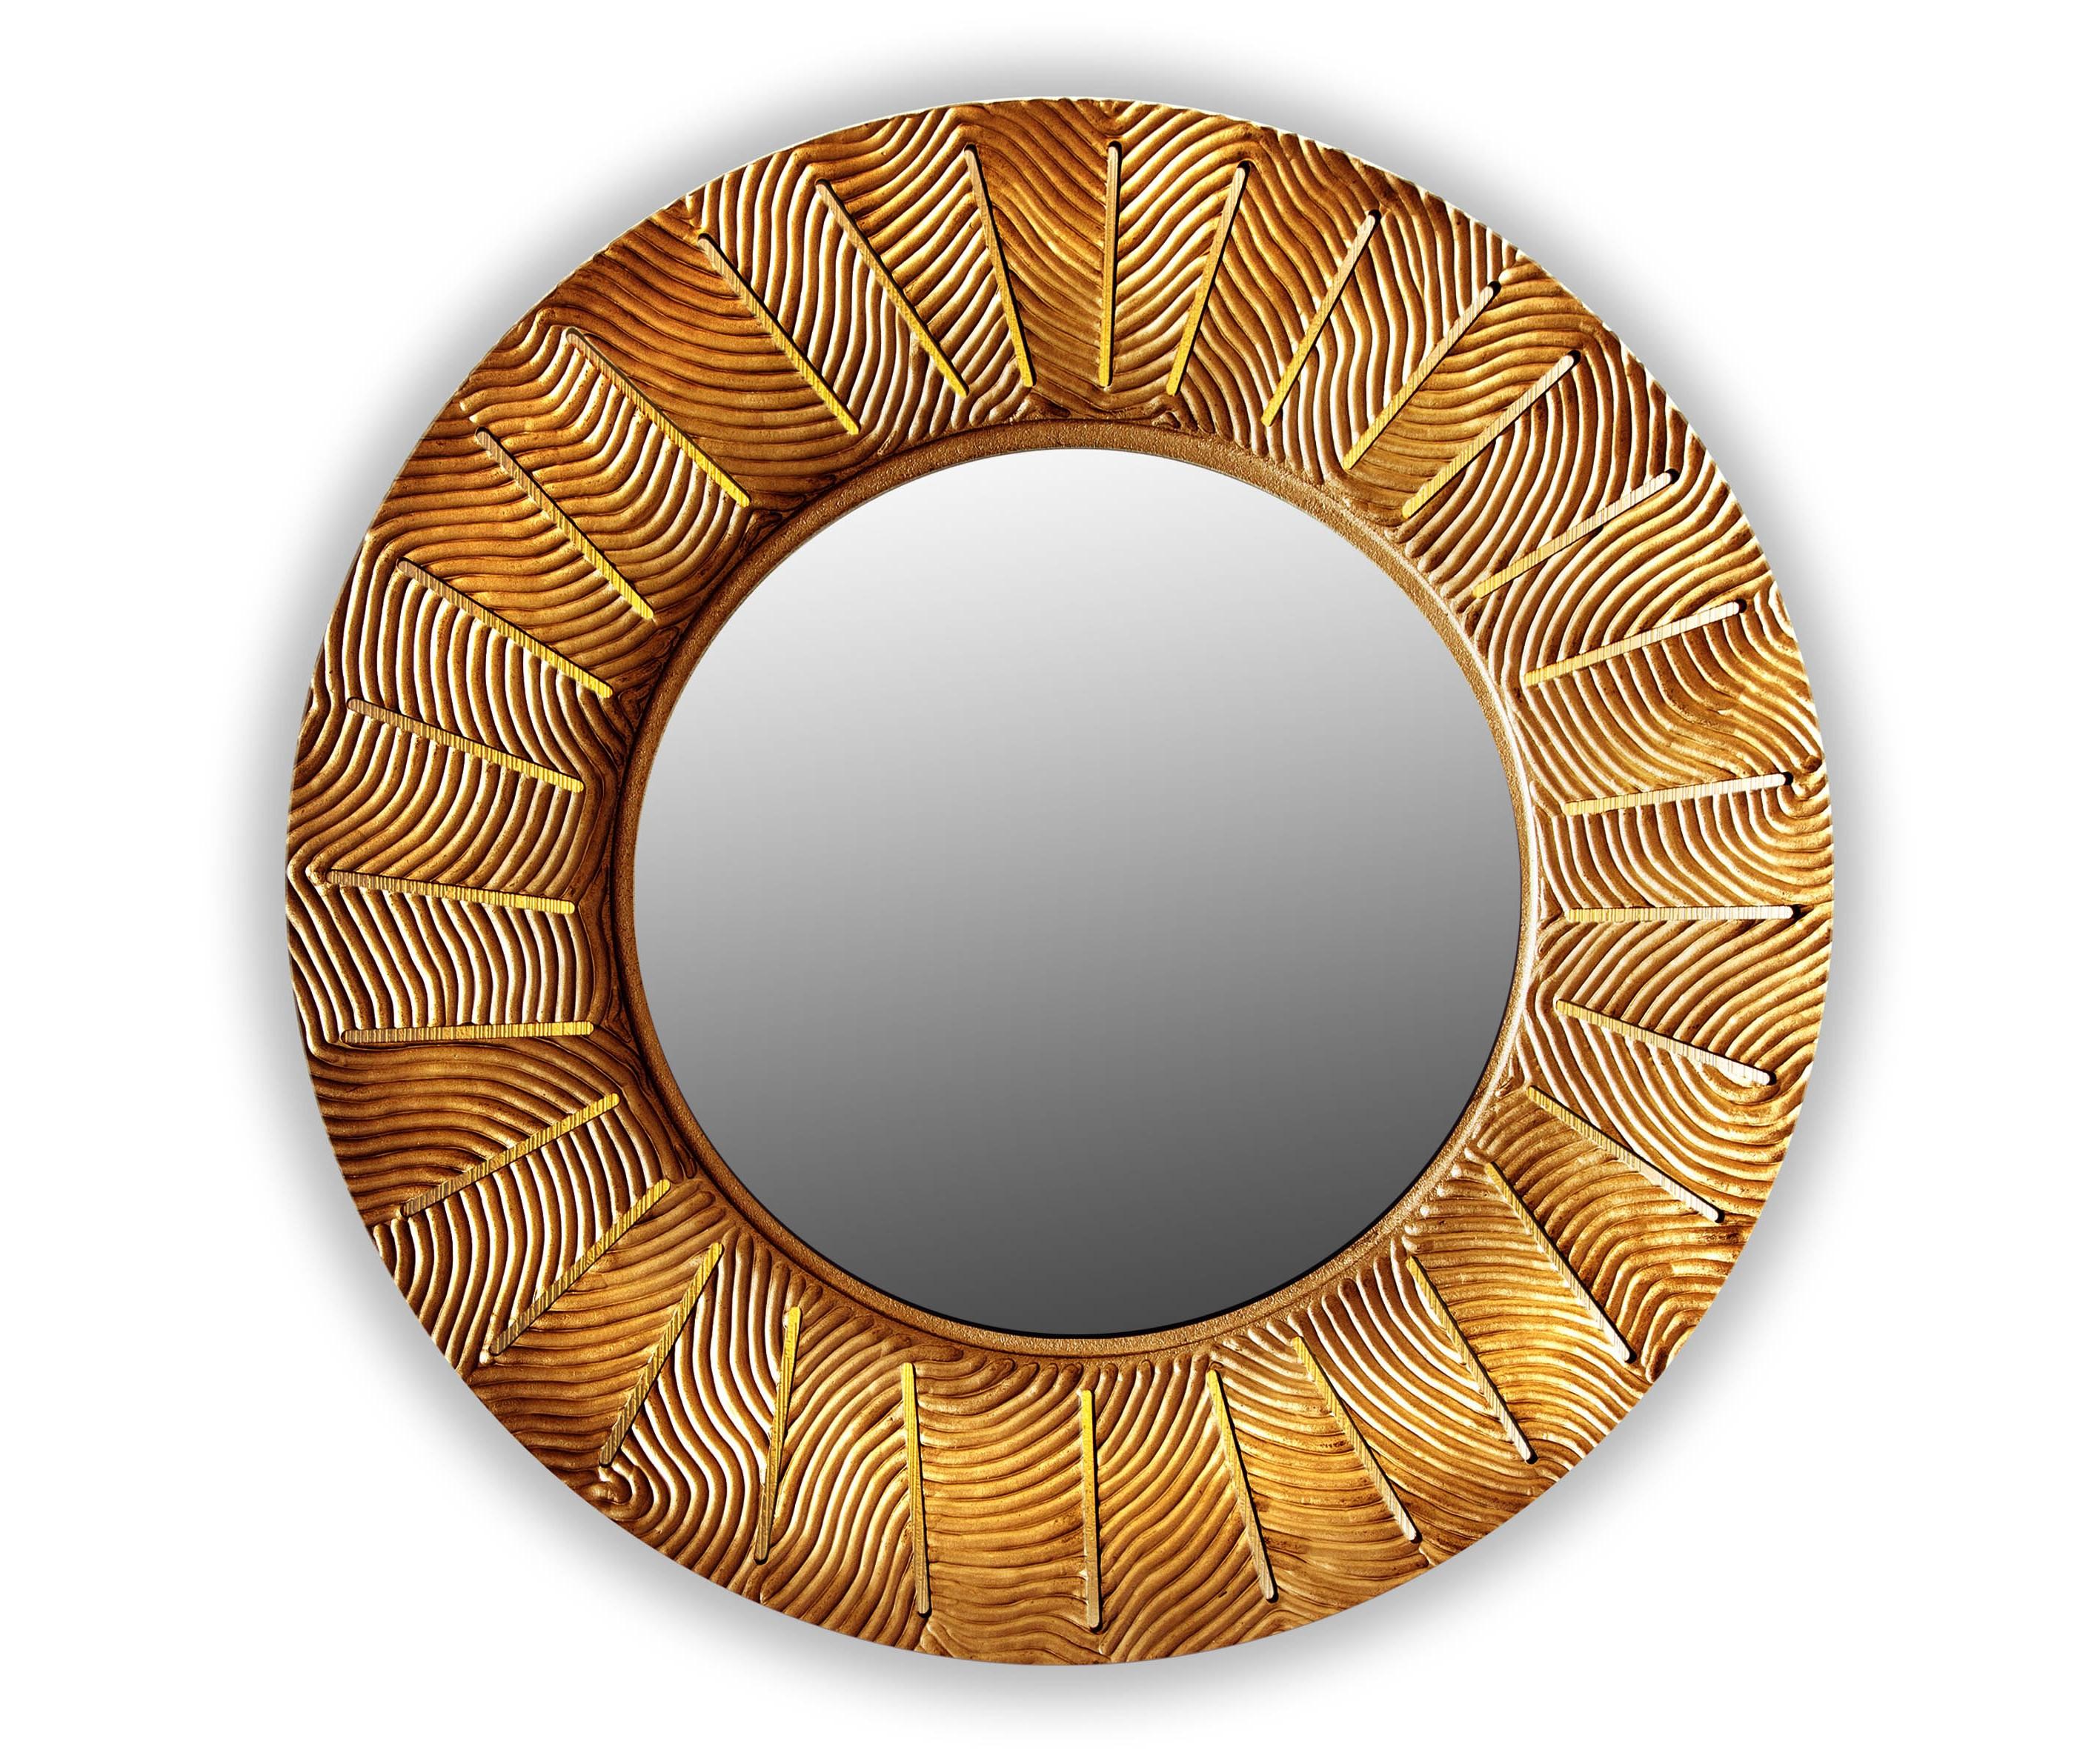 Зеркало SUNSHINEНастенные зеркала<br>С лучами солнца в дом приходят радость и веселье. <br>Распахните жизнь им навстречу, чтобы каждый день приносил удачу. <br>Символ солнца и изобилия-коллекция зеркал Sunshine согреет и осветит ваш дом.&amp;lt;div&amp;gt;&amp;lt;br&amp;gt;&amp;lt;/div&amp;gt;&amp;lt;div&amp;gt;&amp;lt;p class=&amp;quot;MsoNormal&amp;quot;&amp;gt;Товарное предложение оснащено светодиодной подсветкой.&amp;lt;o:p&amp;gt;&amp;lt;/o:p&amp;gt;&amp;lt;/p&amp;gt;&amp;lt;/div&amp;gt;<br><br>Material: Дерево<br>Глубина см: 1.0